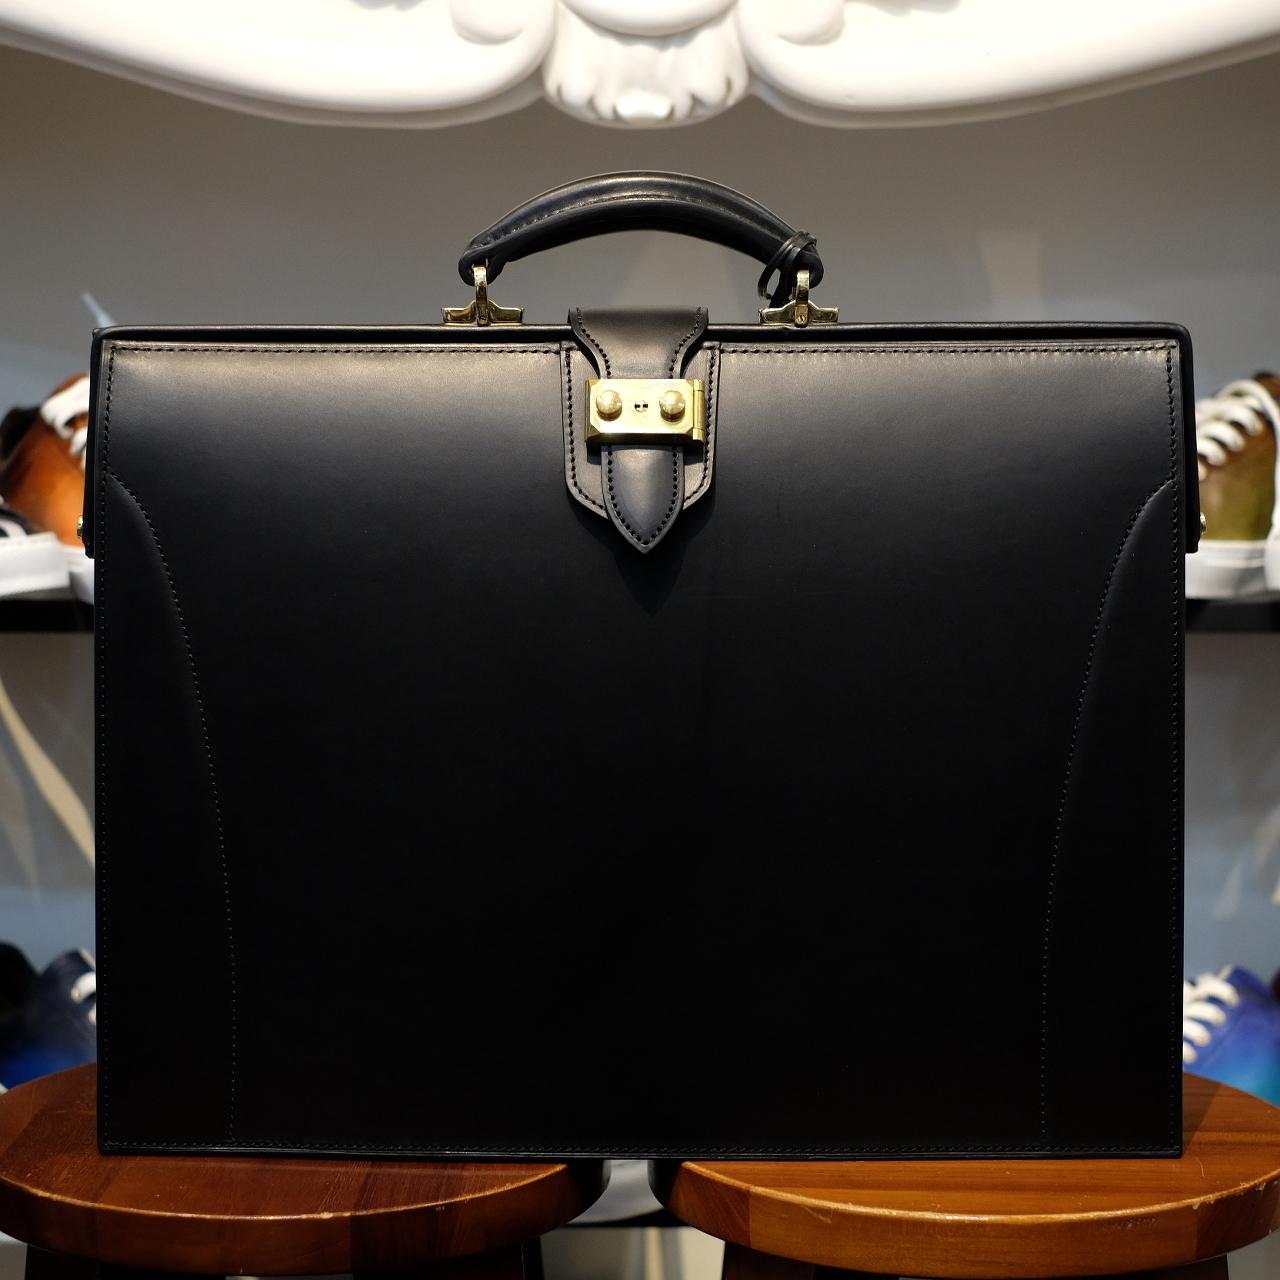 ル・ボナー 細マチダレスバッグ(2マチダレス) ブラック 真鍮無垢錠前